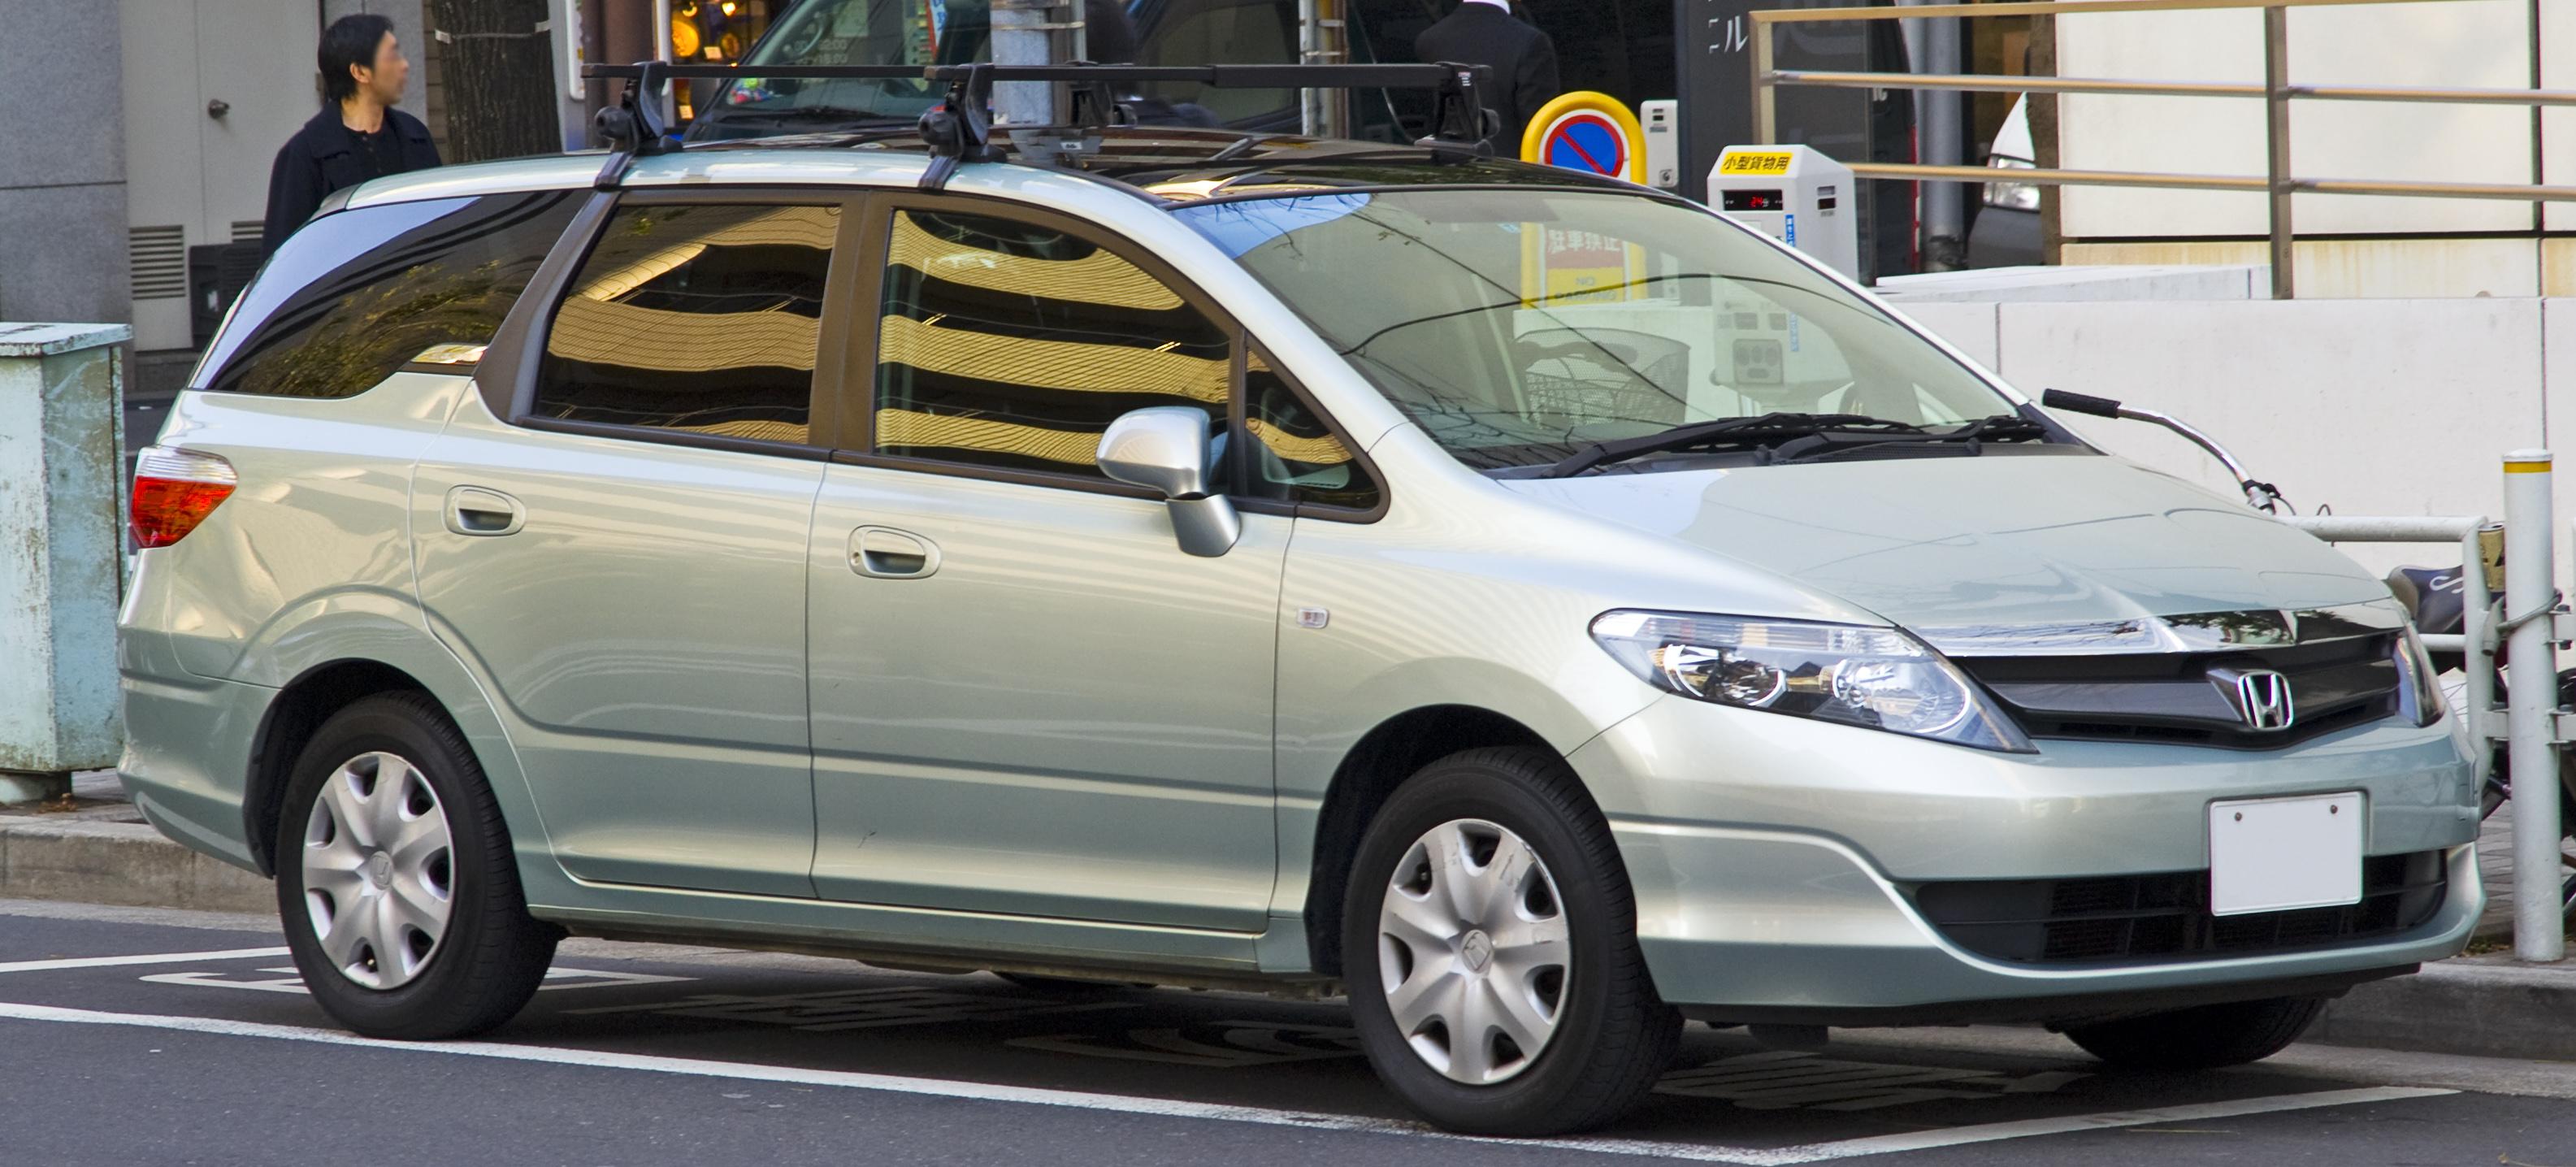 papier peint Honda, Airwave, Japon, Tokio, voiture, Ukraina Desktop  le nombre